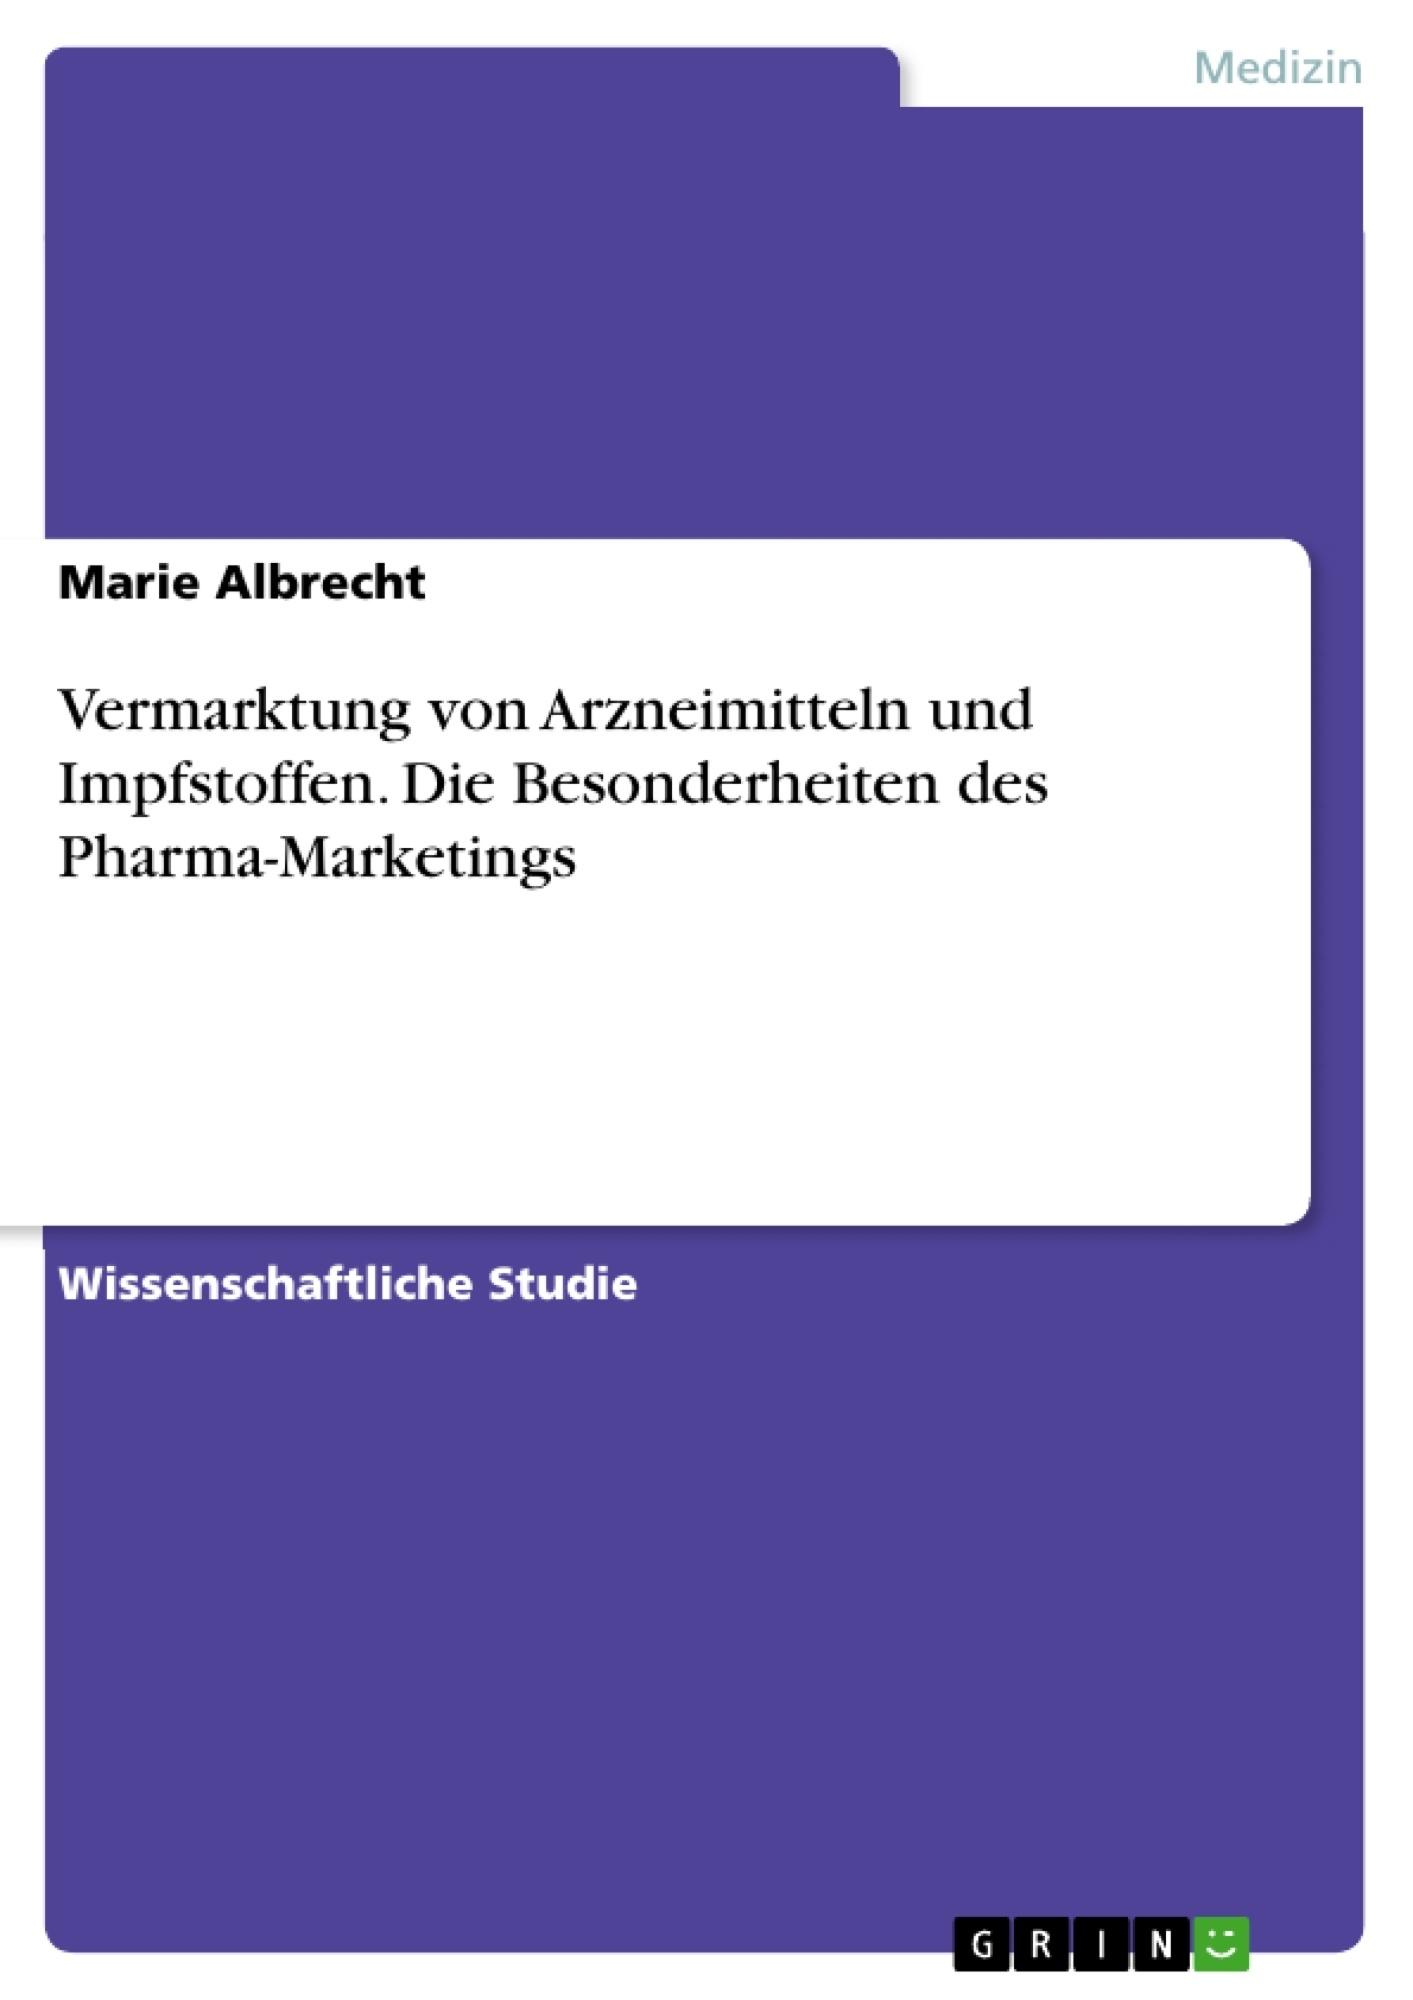 Titel: Vermarktung von Arzneimitteln und Impfstoffen. Die Besonderheiten des Pharma-Marketings